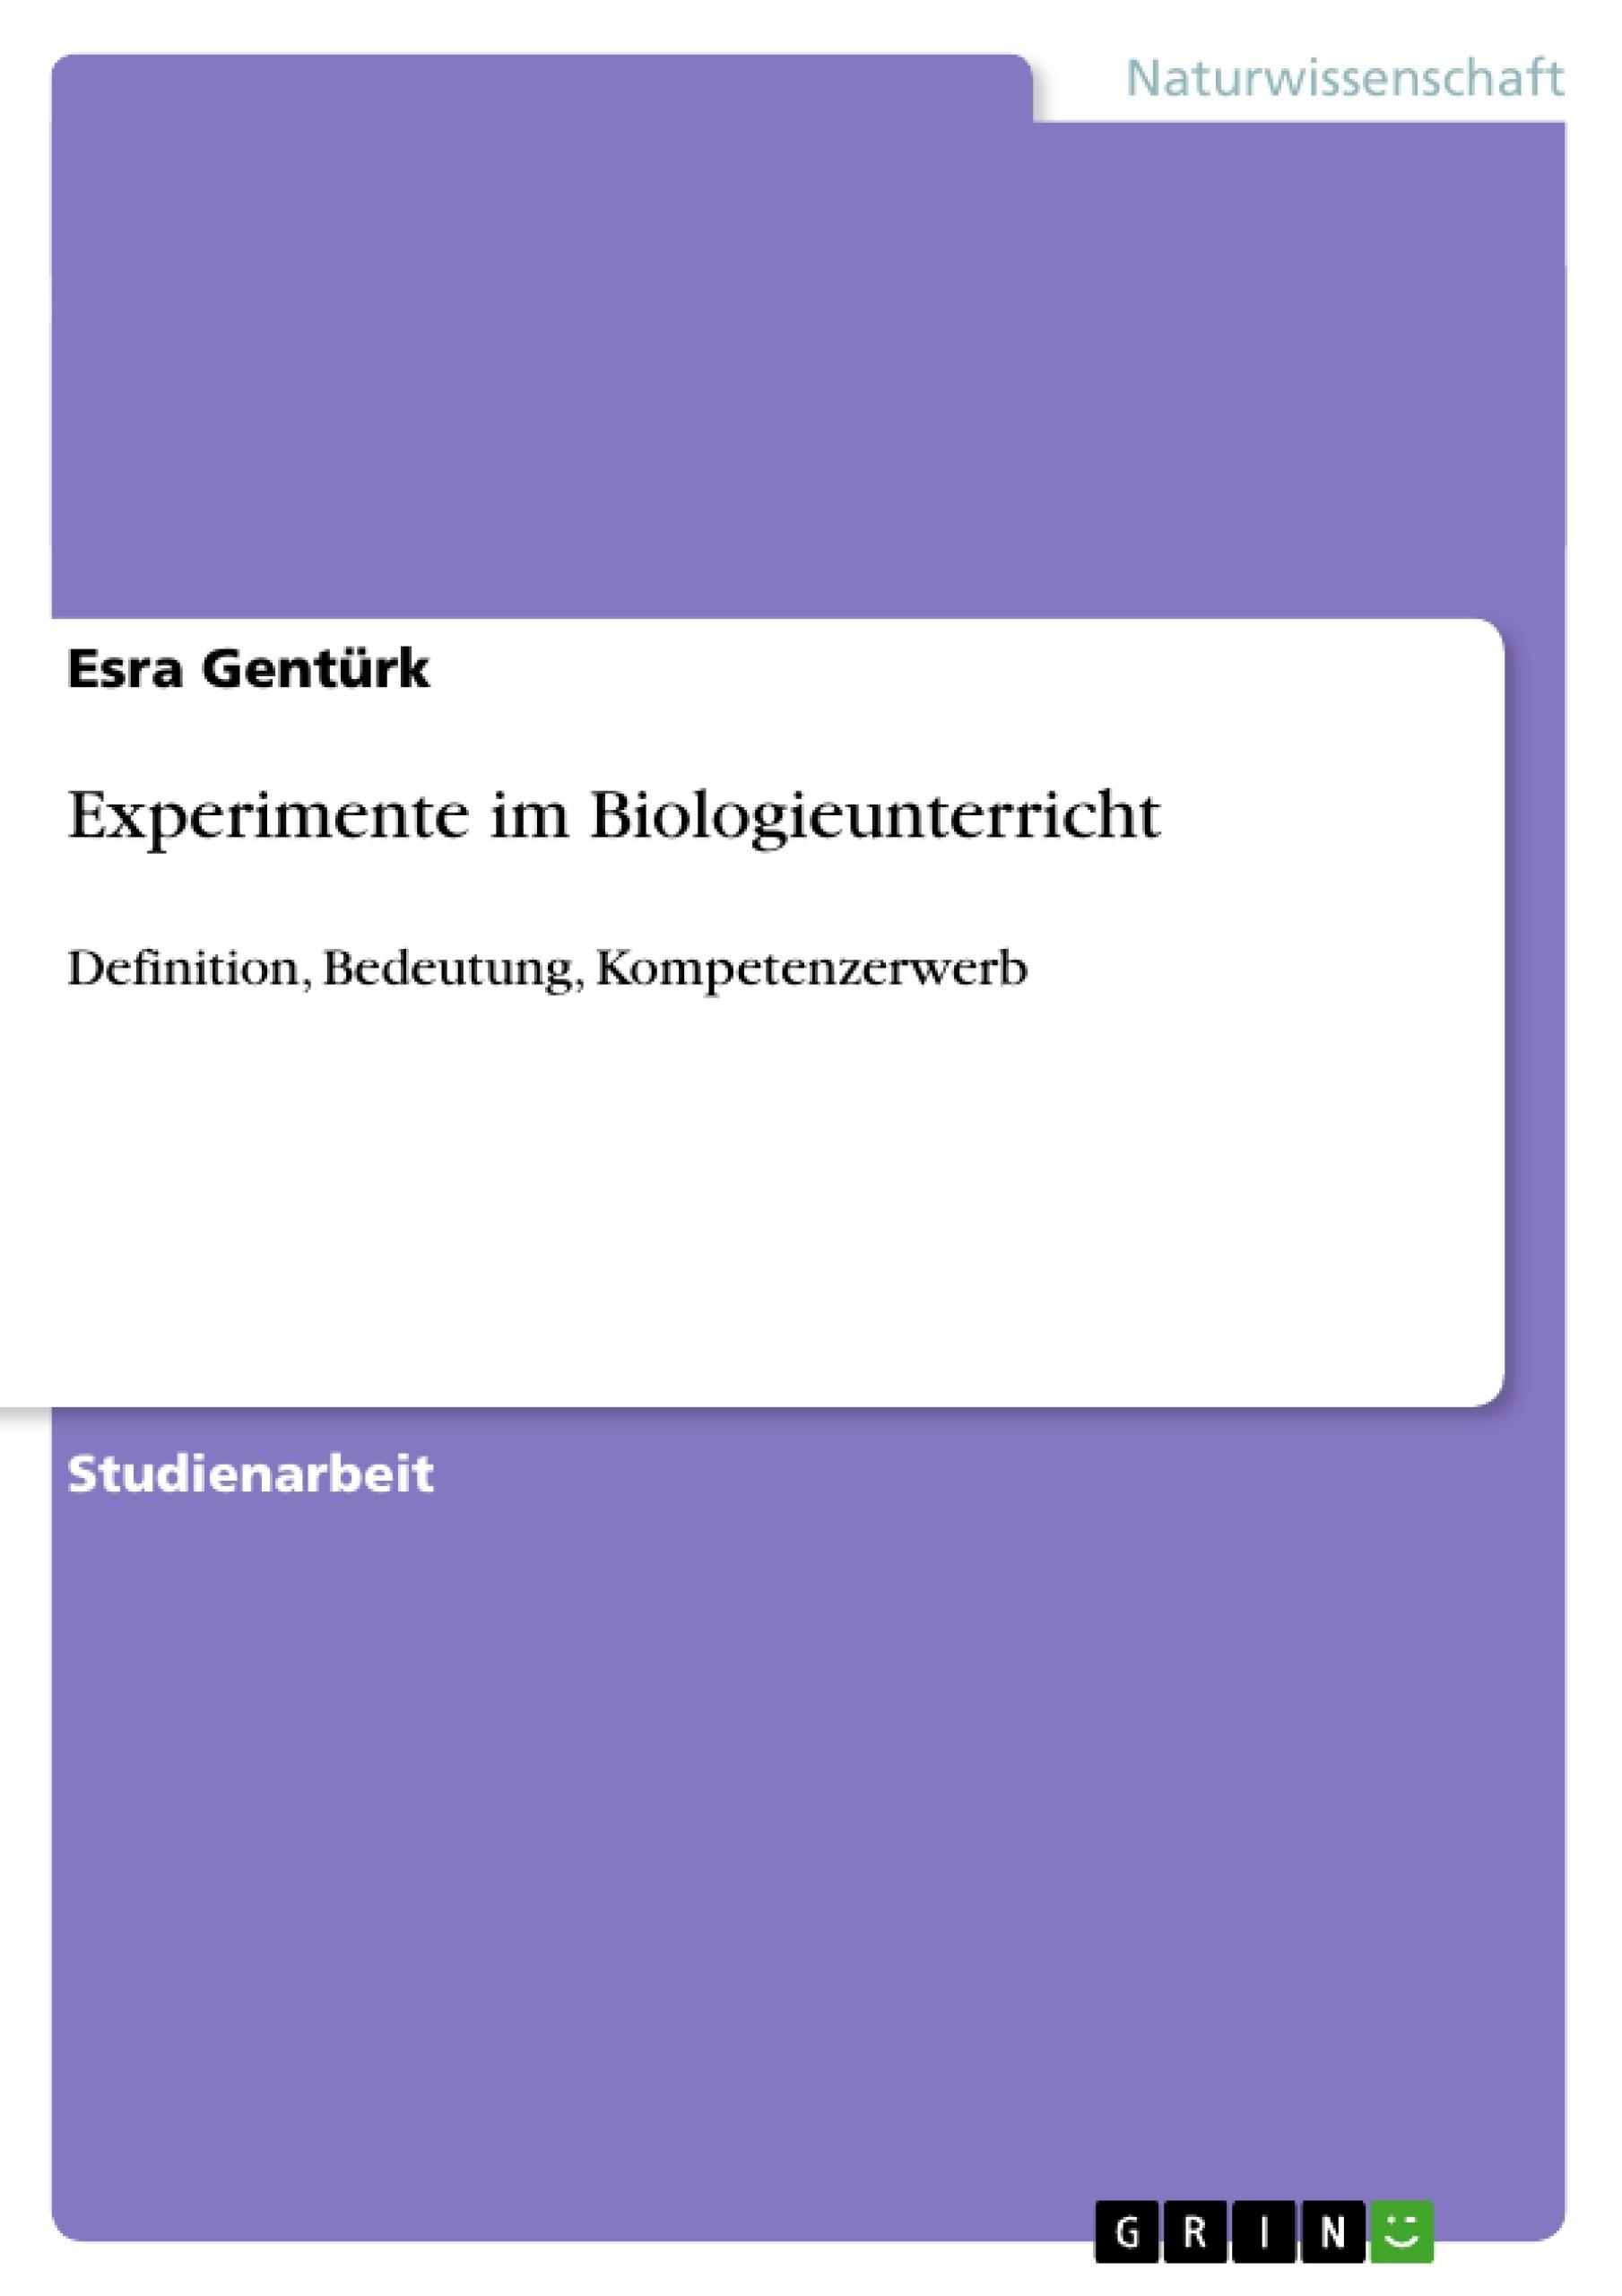 Titel: Experimente im Biologieunterricht